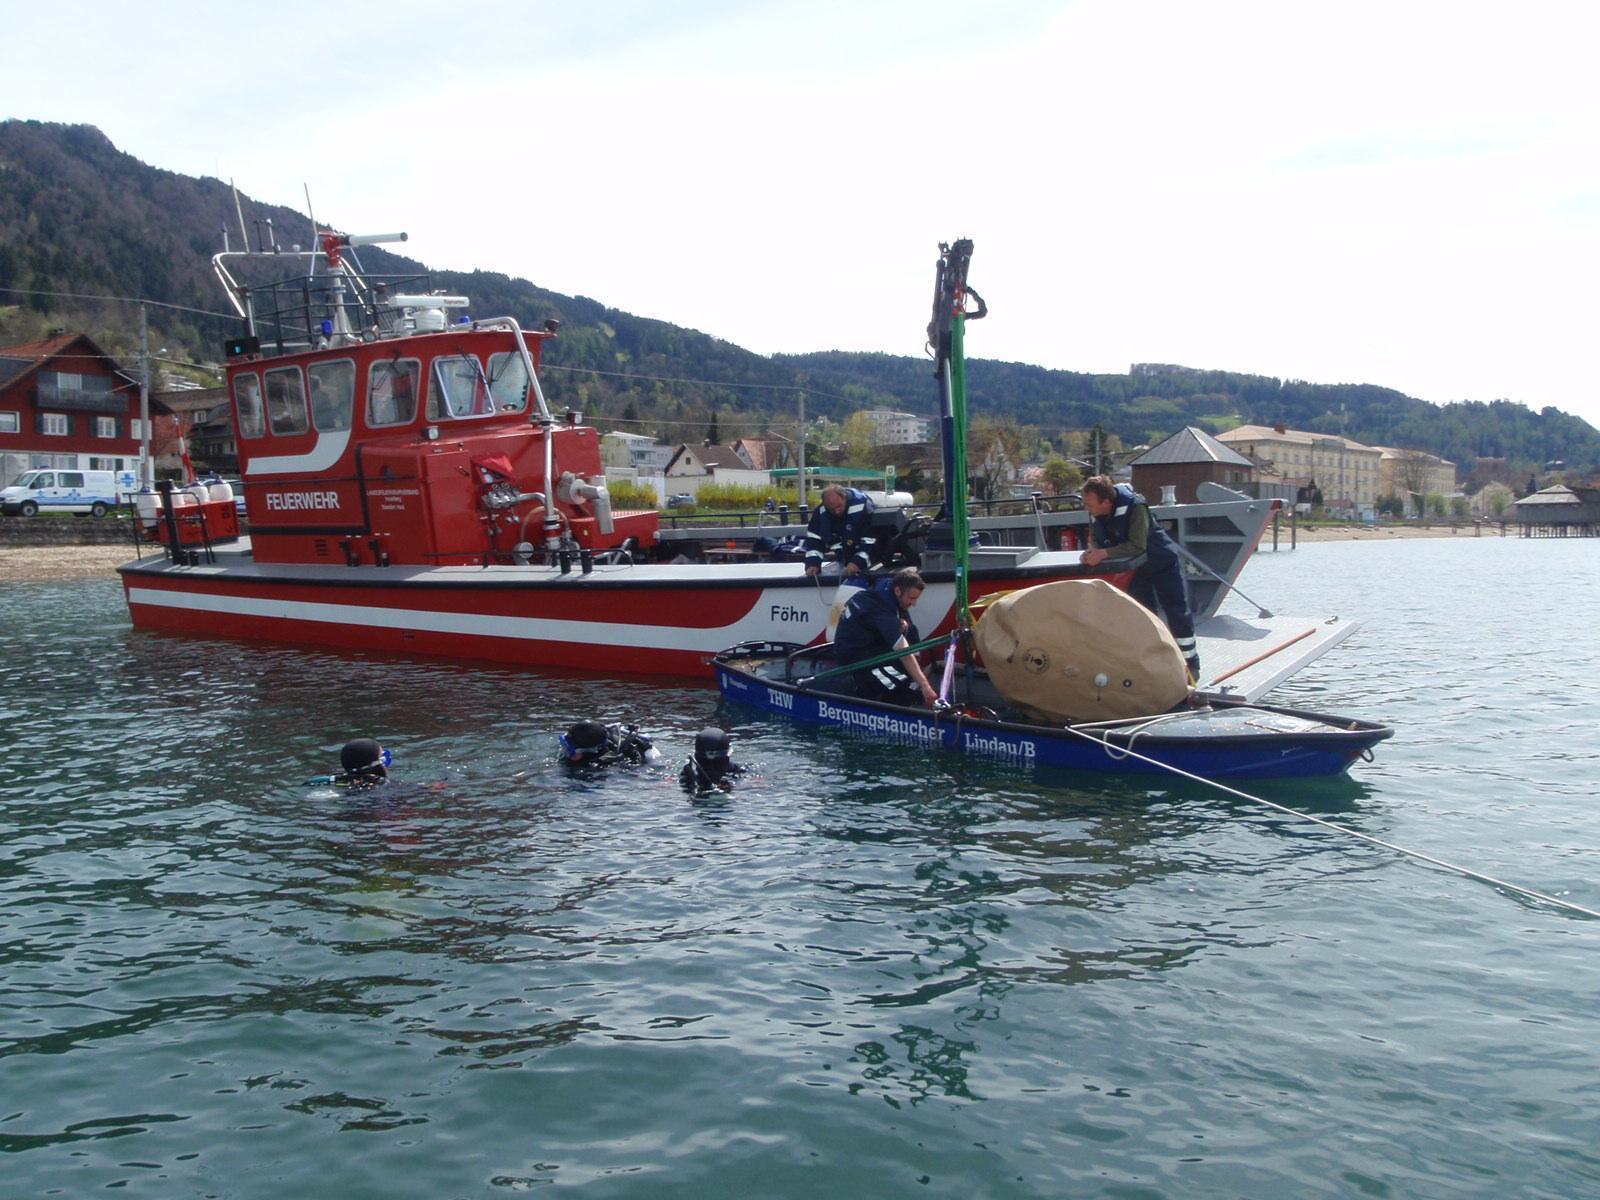 Bergung des gesunkenen Bootes mittels Hebeballons.